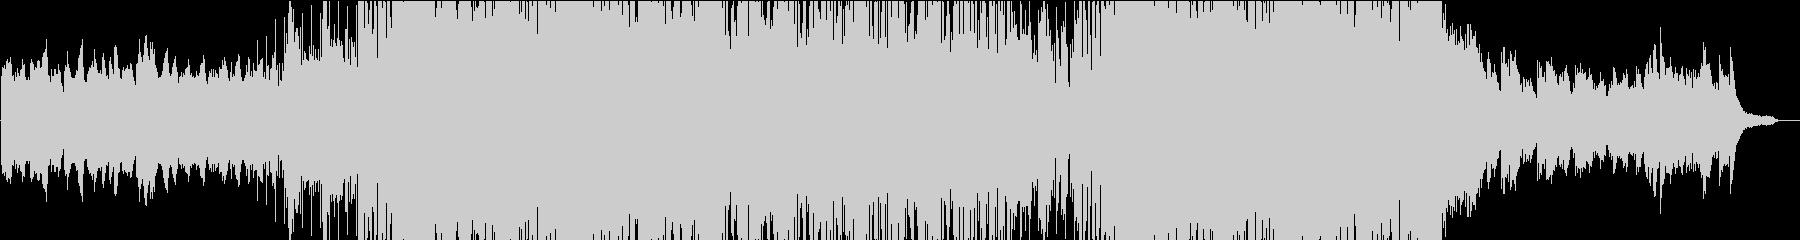 始まりを予感する和風ドラムンベースの未再生の波形